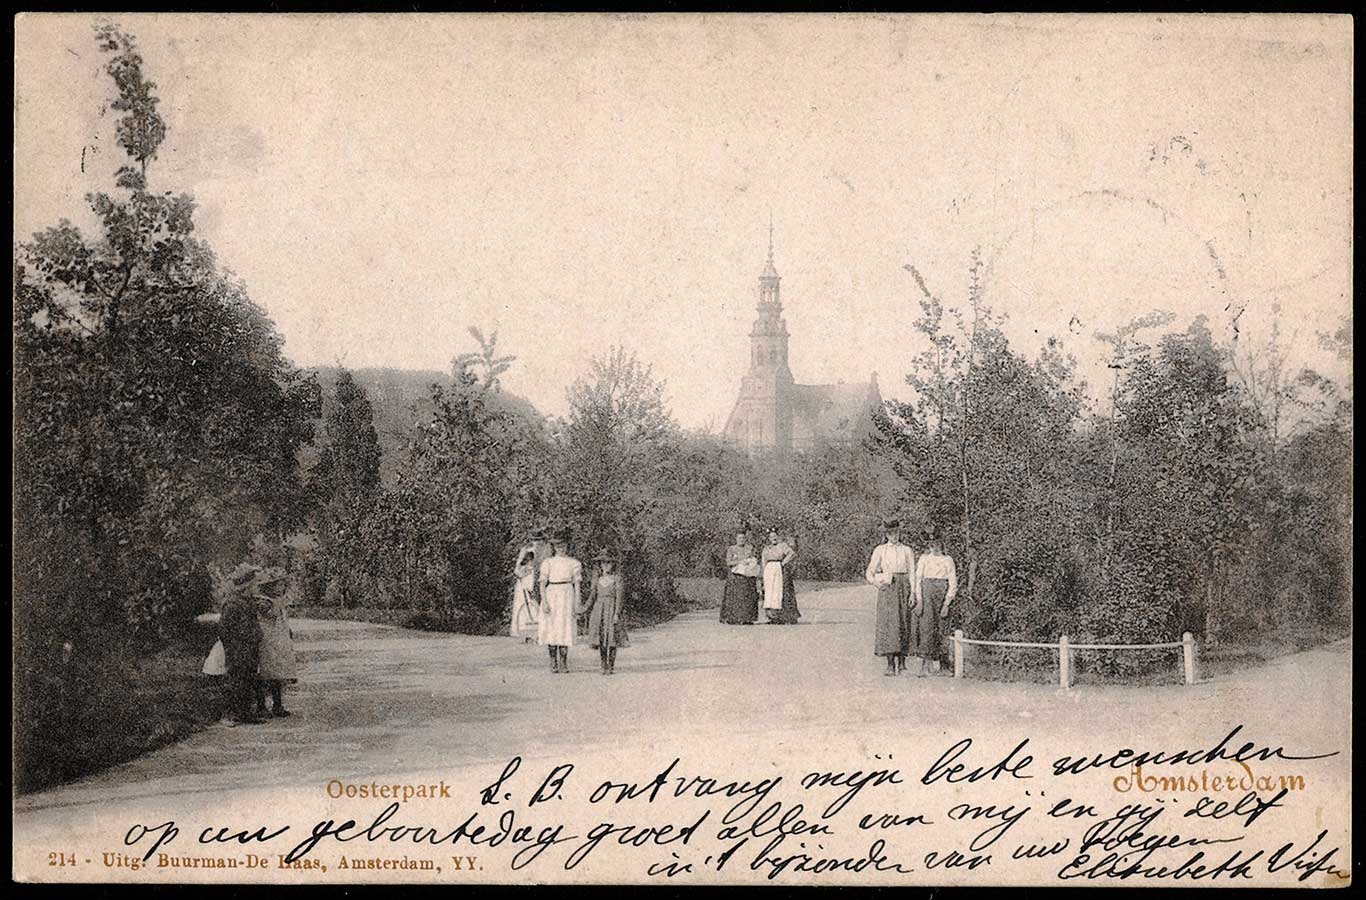 Foto ver in het Oosterpark met 4 paartjes (vrouw-vrouw) poserend op de wandelpaden. Op achtergrond de Muiderkerk